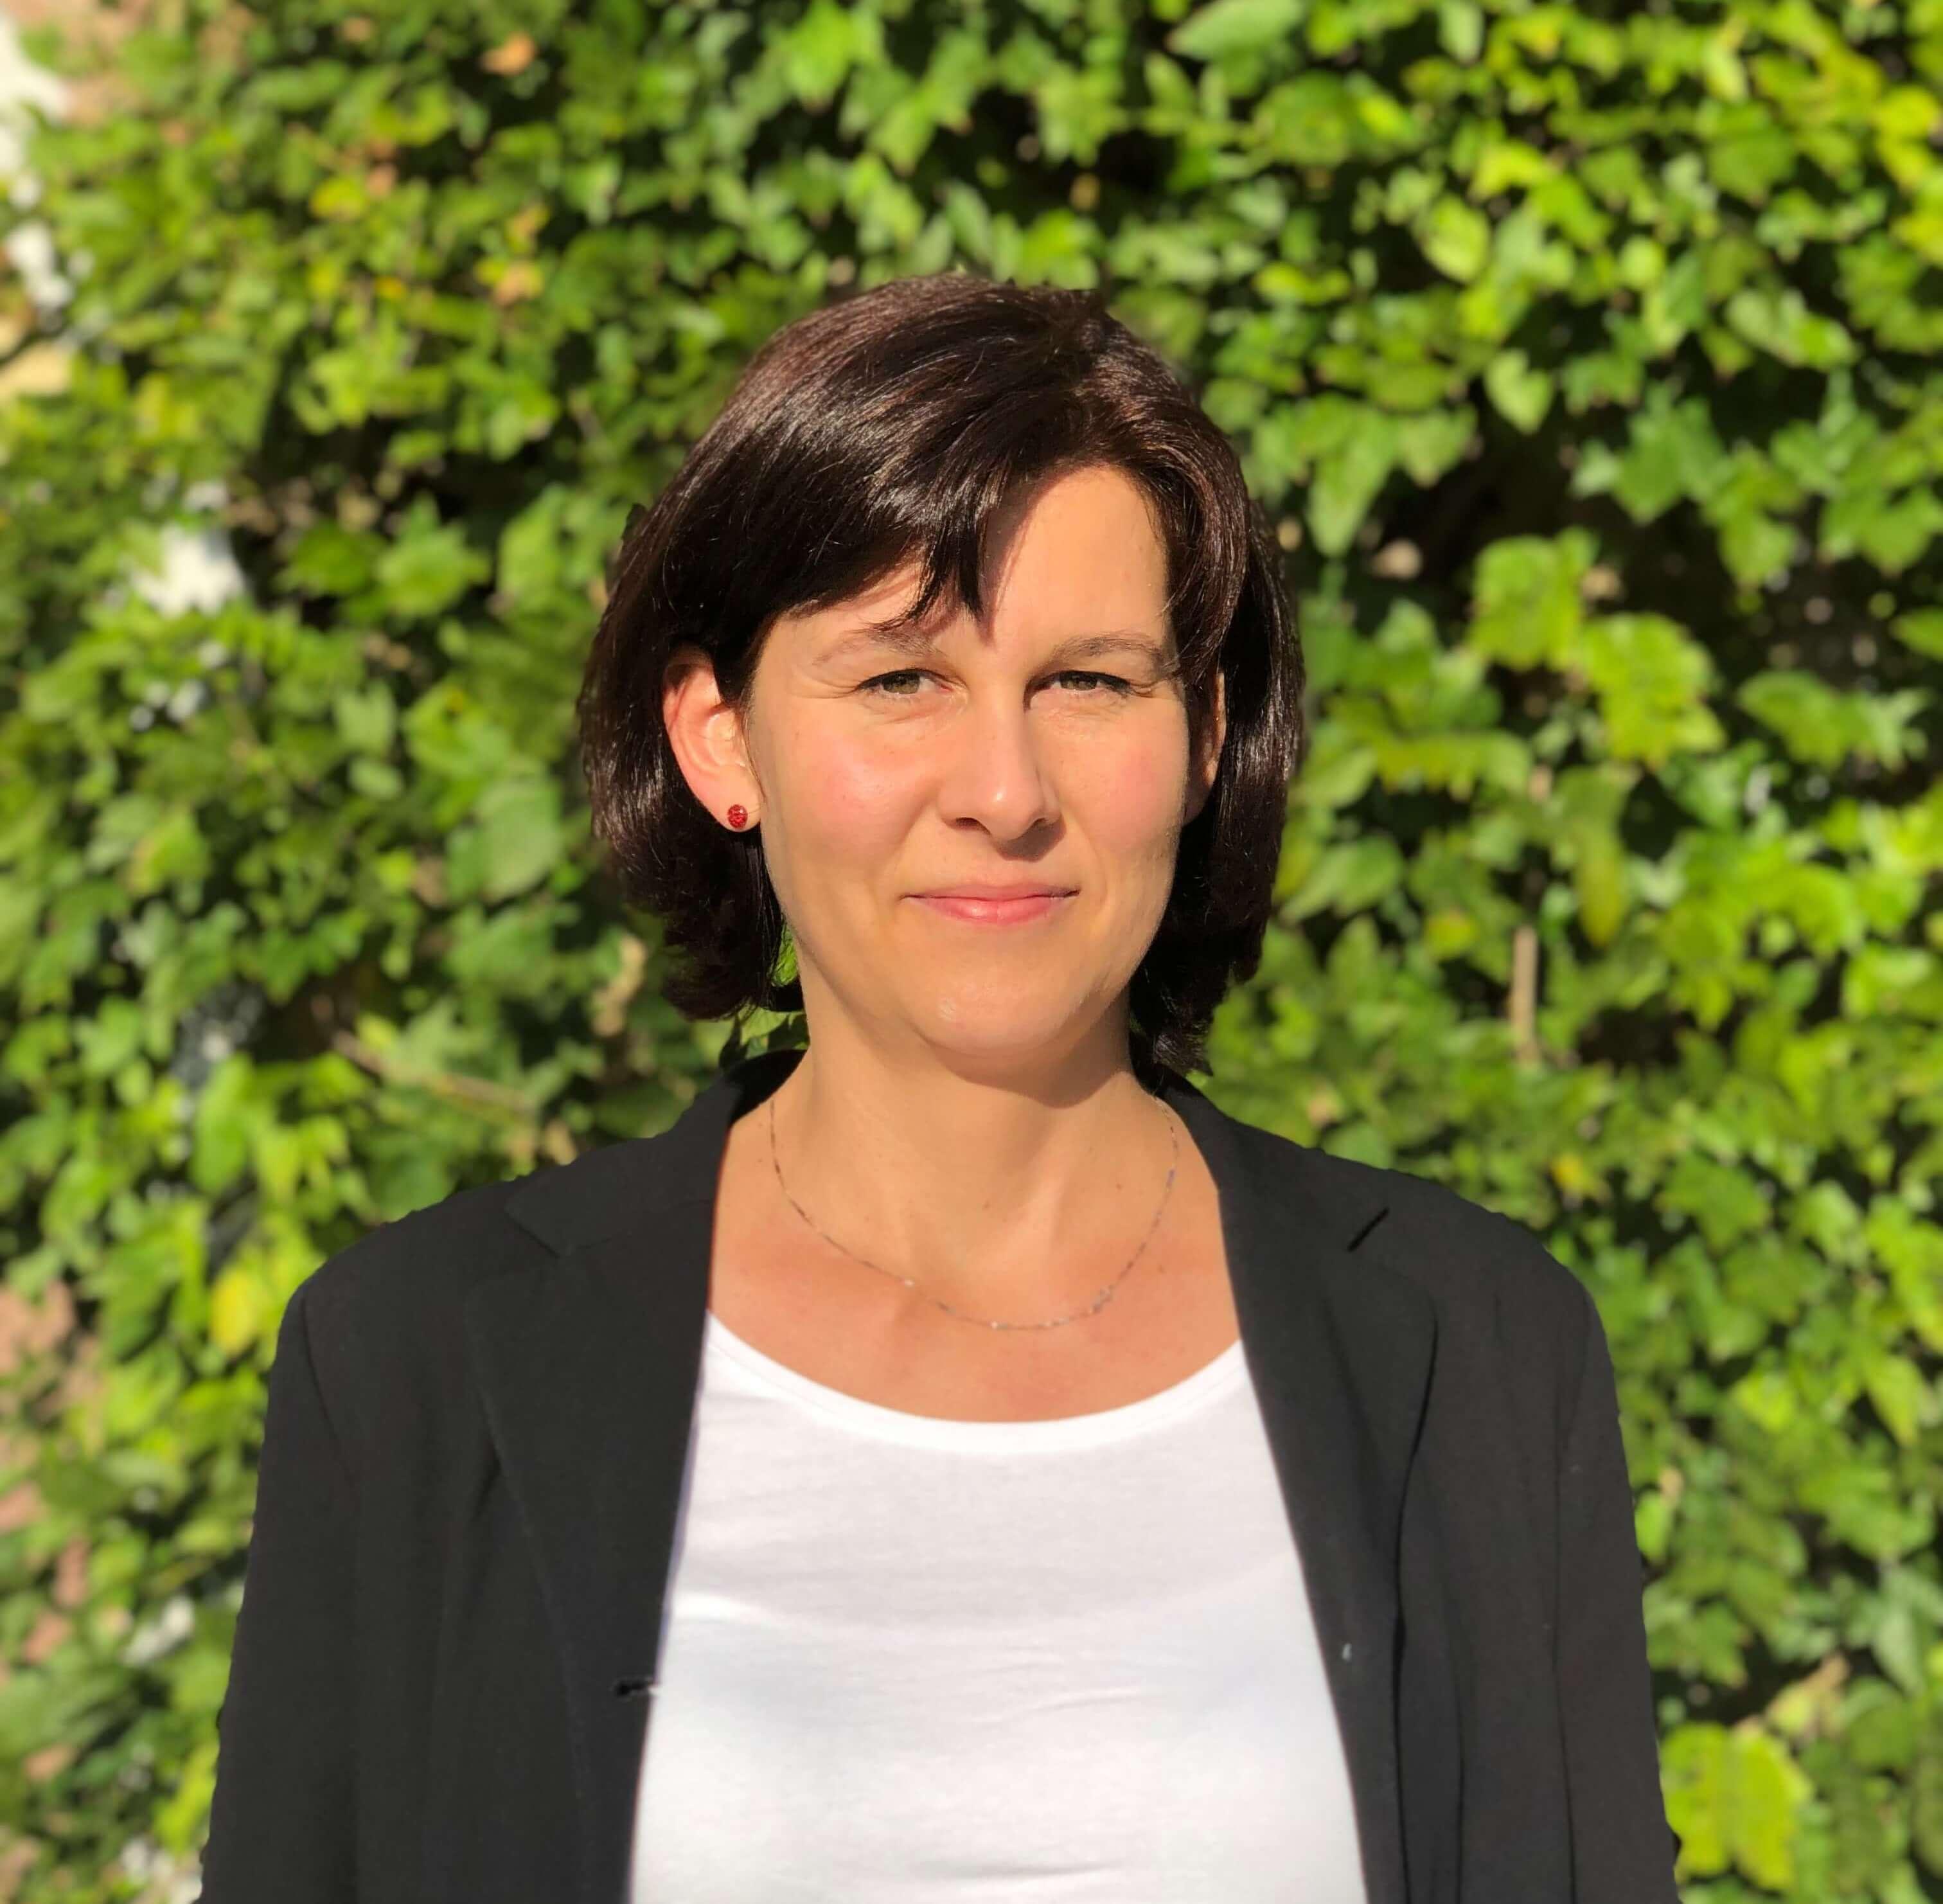 Profilová fotka Eliška Rodová